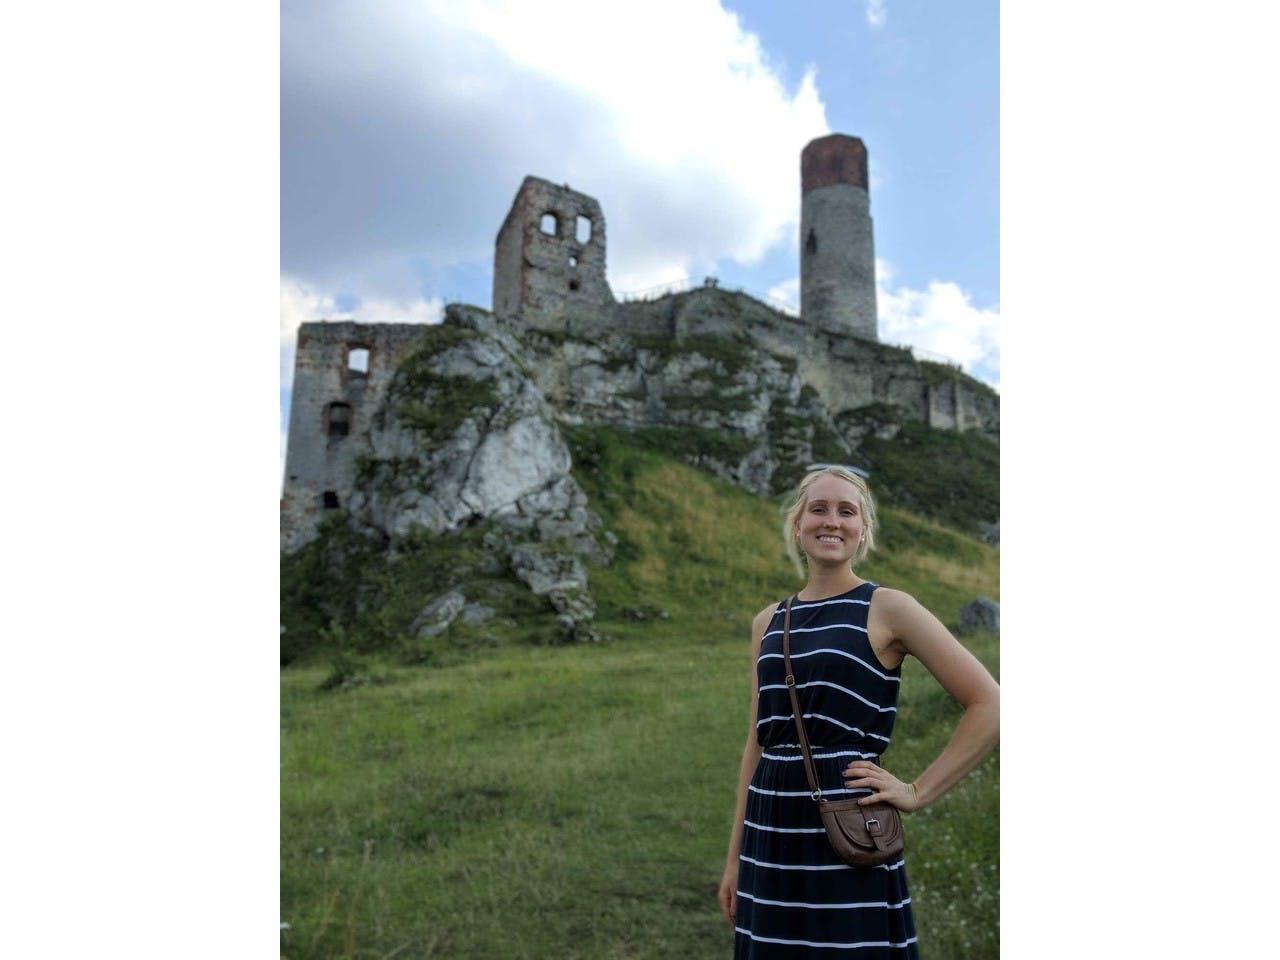 castle-ruins-olsztyn-poland